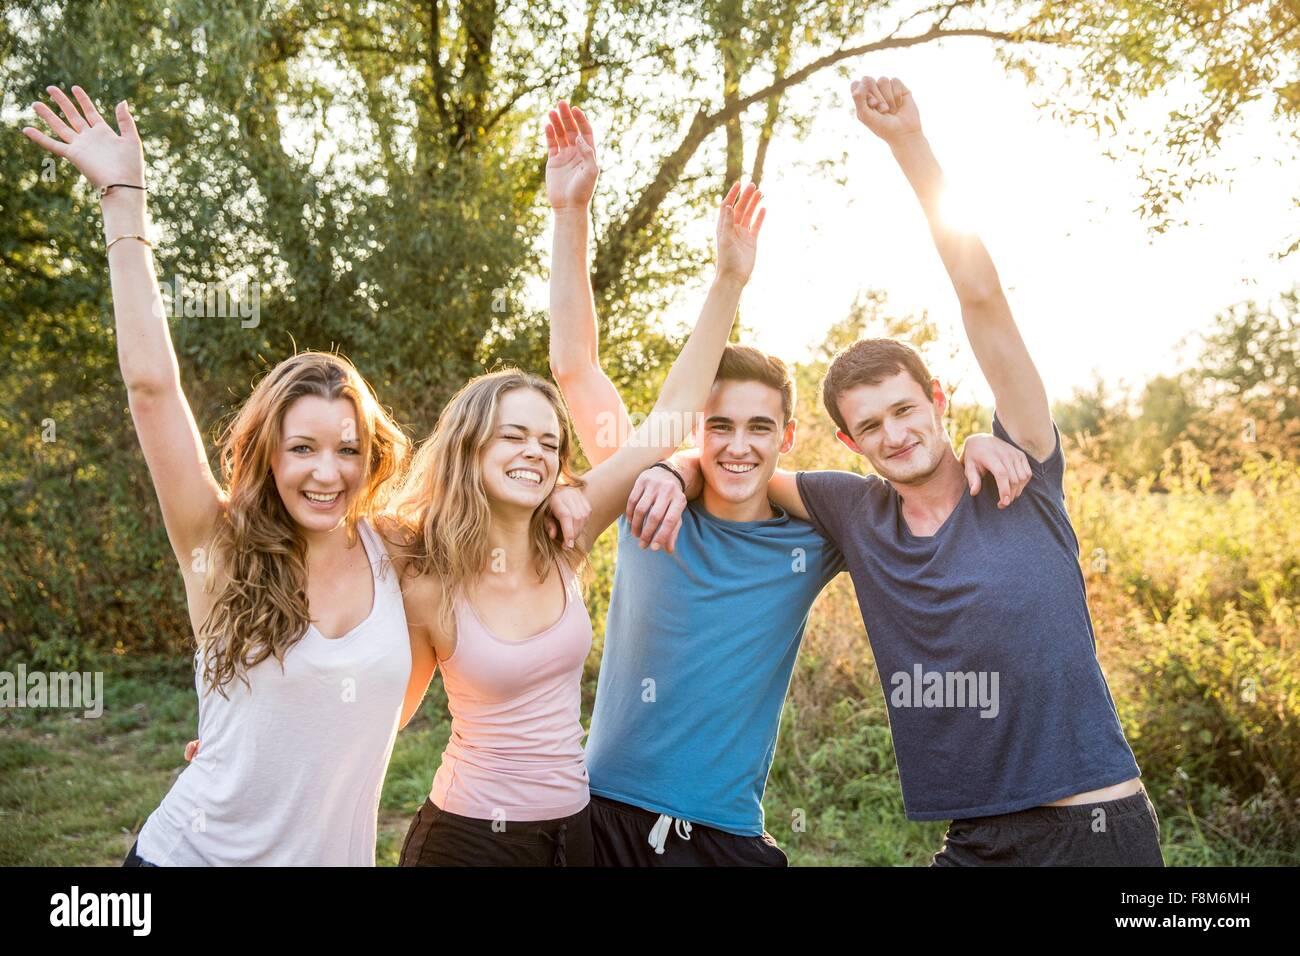 Retrato de un grupo de amigos en el medio rural, con los brazos en alto, sonriendo Imagen De Stock